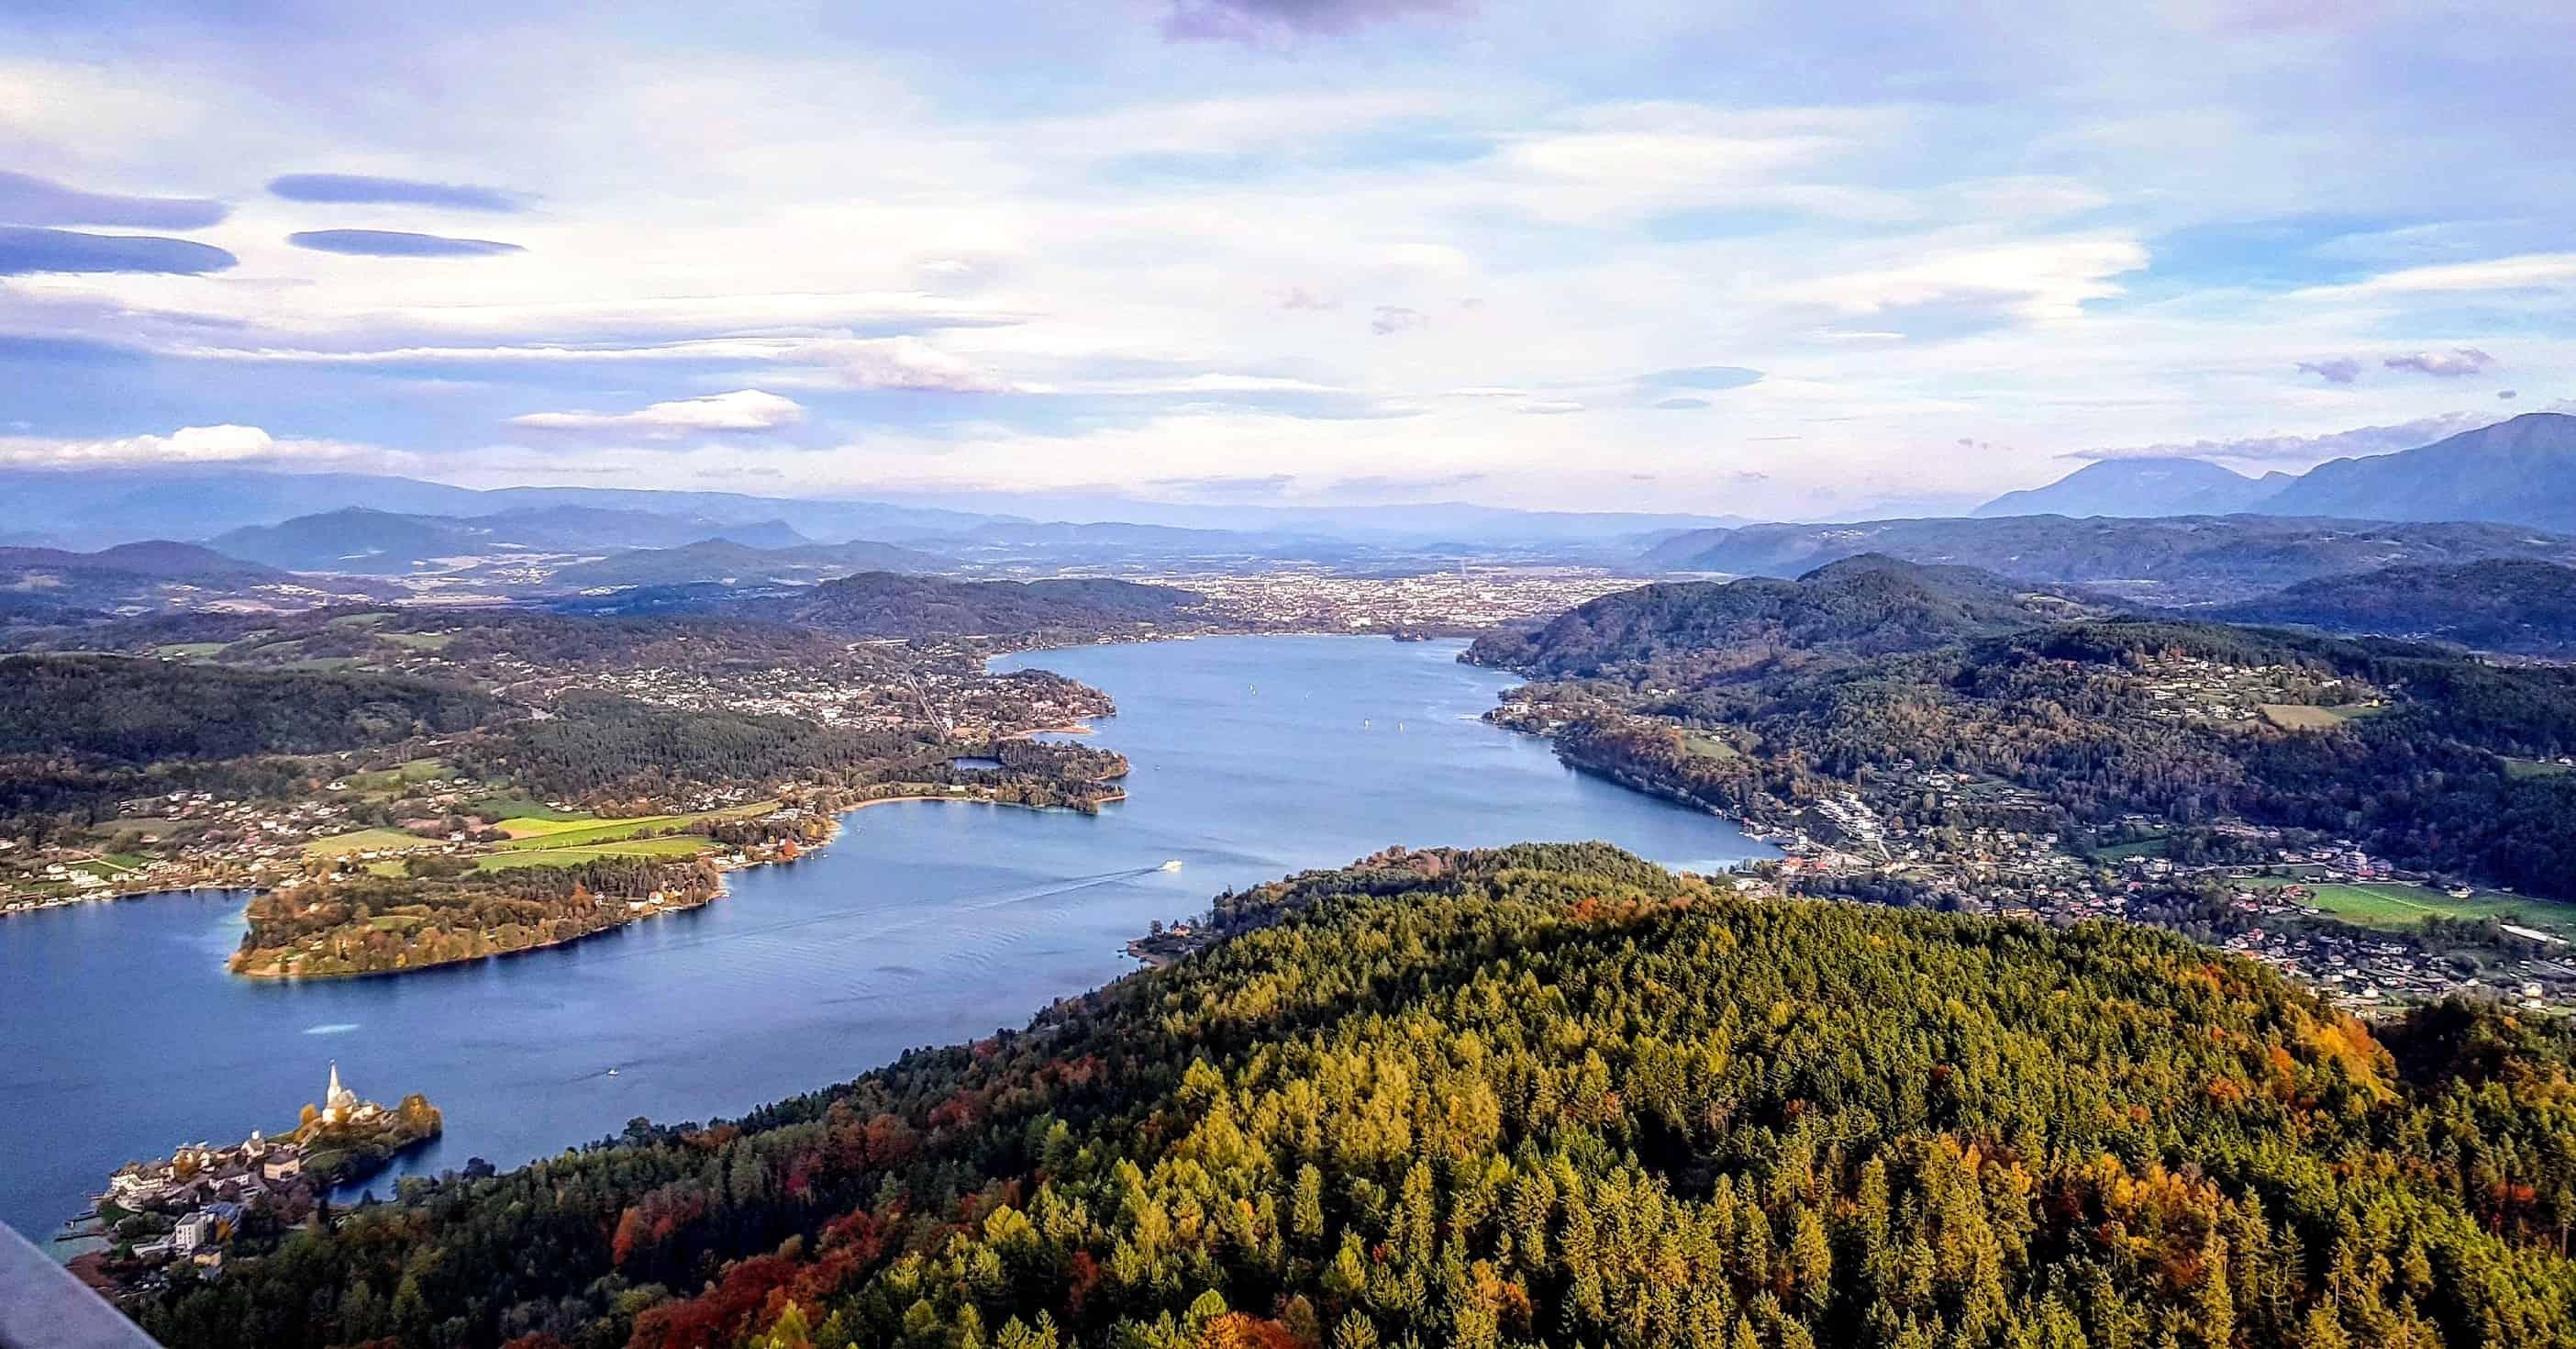 Panoramablick Richtung Klagenfurt von einem der schönsten Ausflugsziele in Kärnten, dem Pyramidenkogel am Wörthersee, Österreich